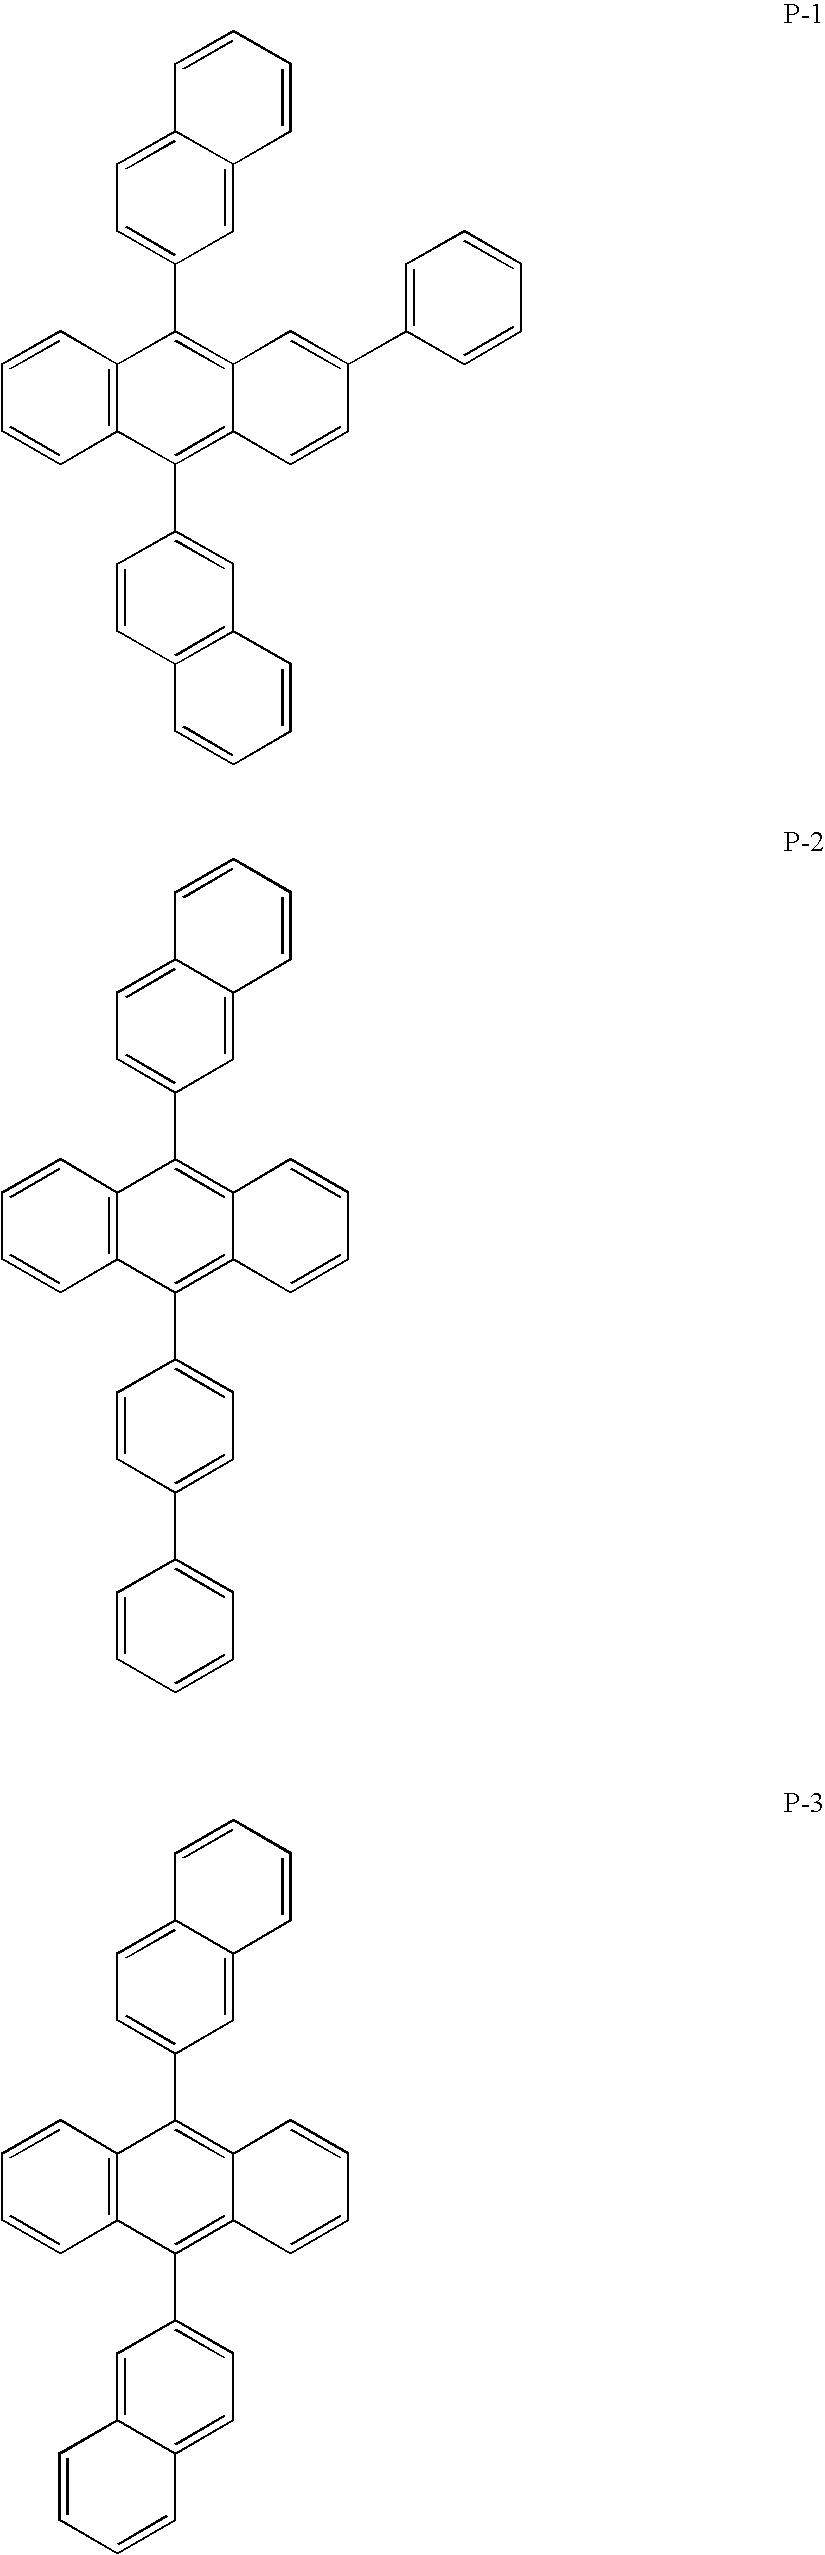 Figure US08216697-20120710-C00022